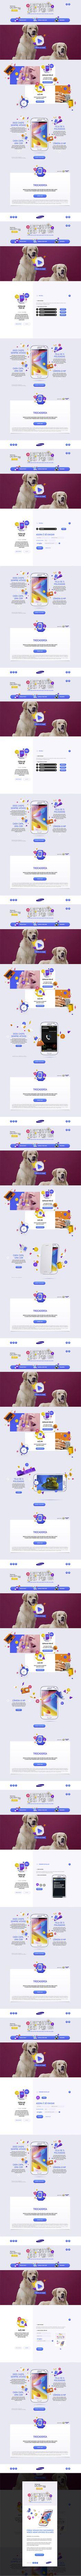 brasilian samsung campaign http://www.iniciativa2por1.com.br